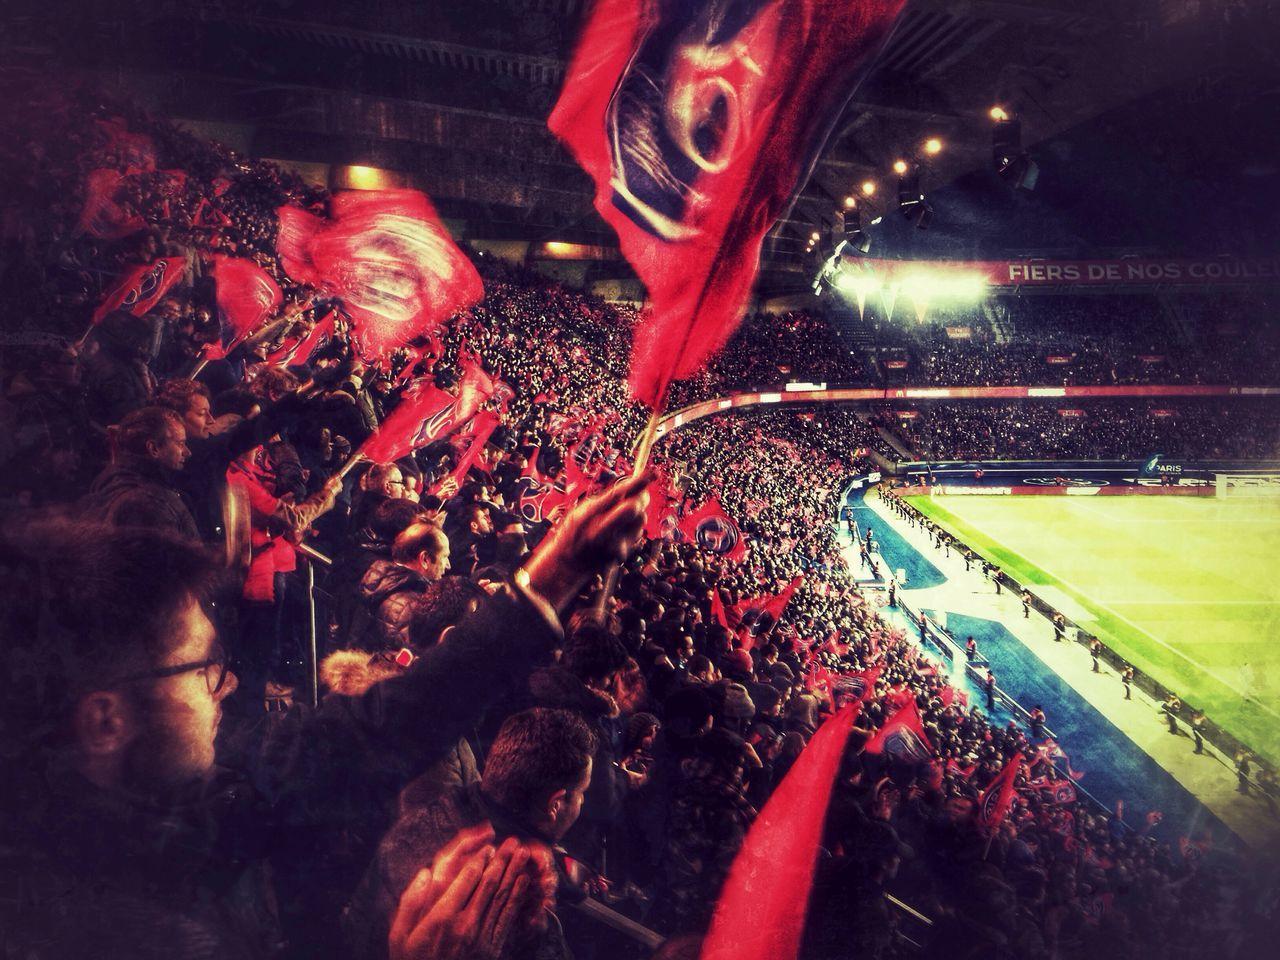 Paris goes crazy Paris Saint Germain Paris Ligue1 Angers Football Crowd Goal Fans Supporters Celebration Stadium Parc Des Princes